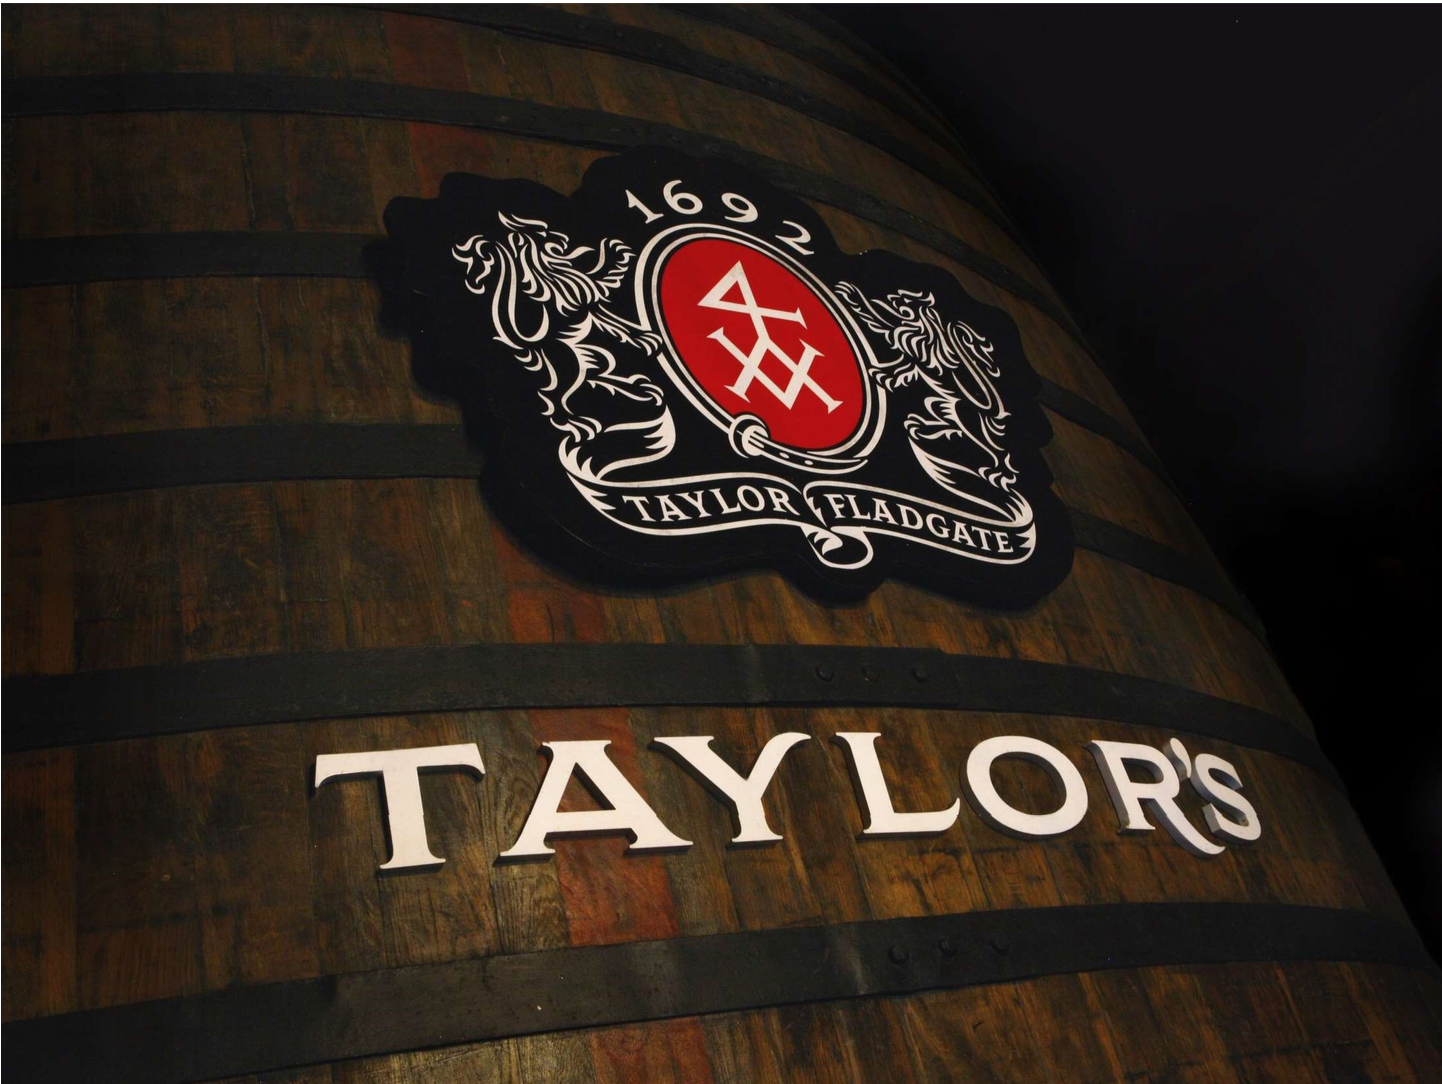 Diner Porto Taylor's.